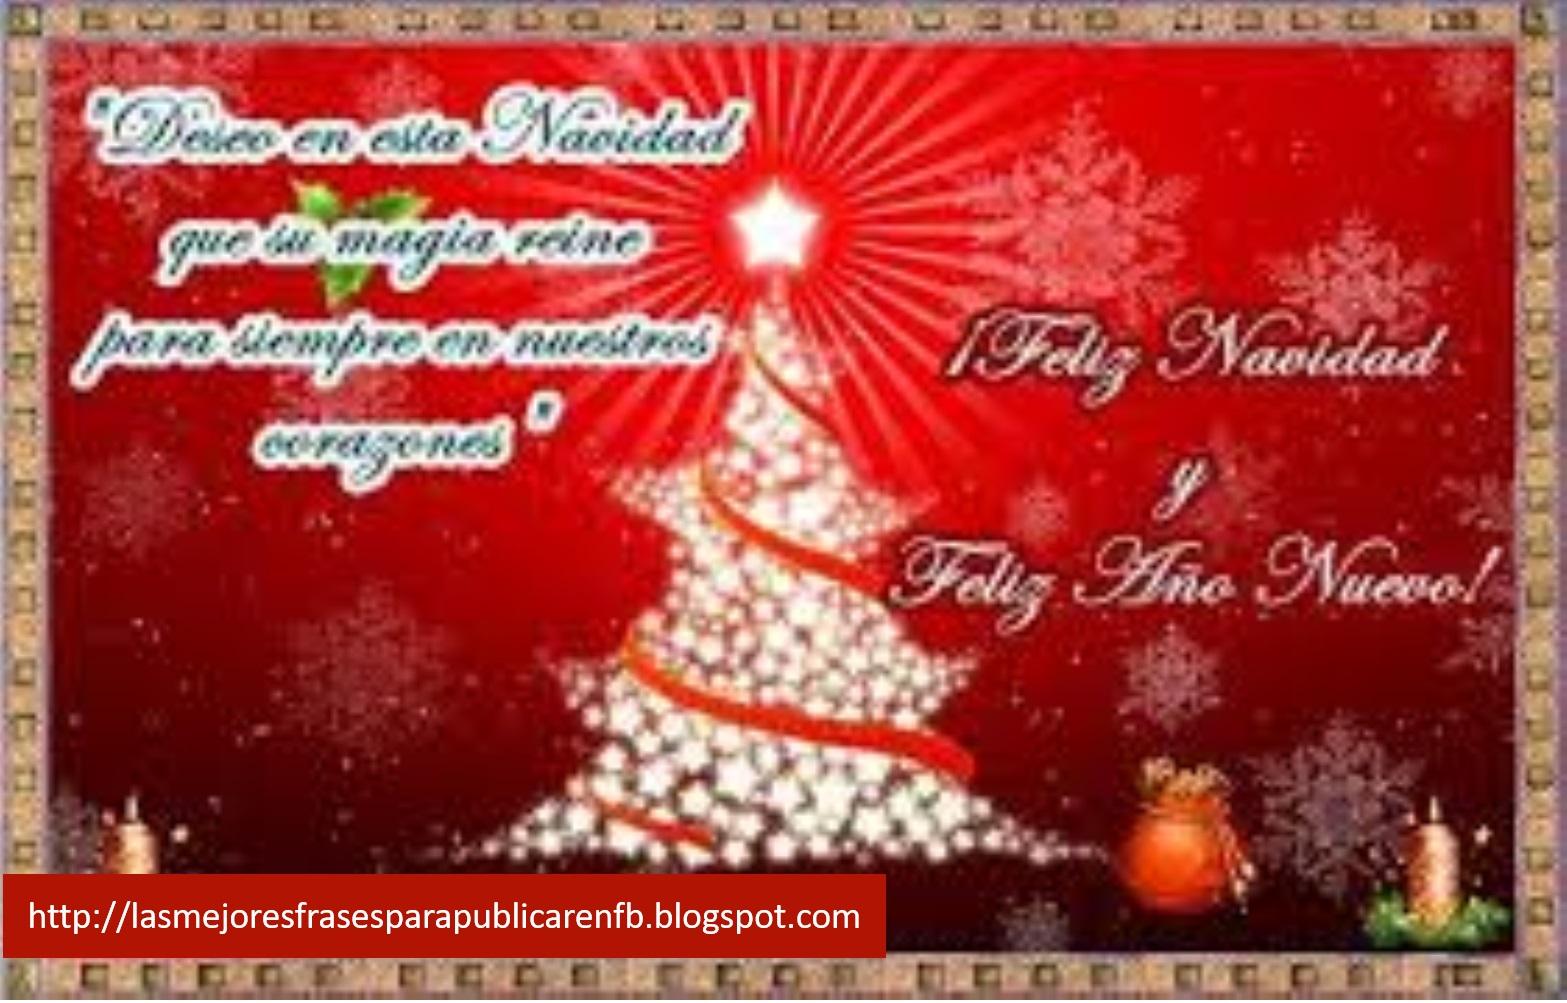 Las Mejores Frases Para Publicar En Fb Frases De Navidad Y